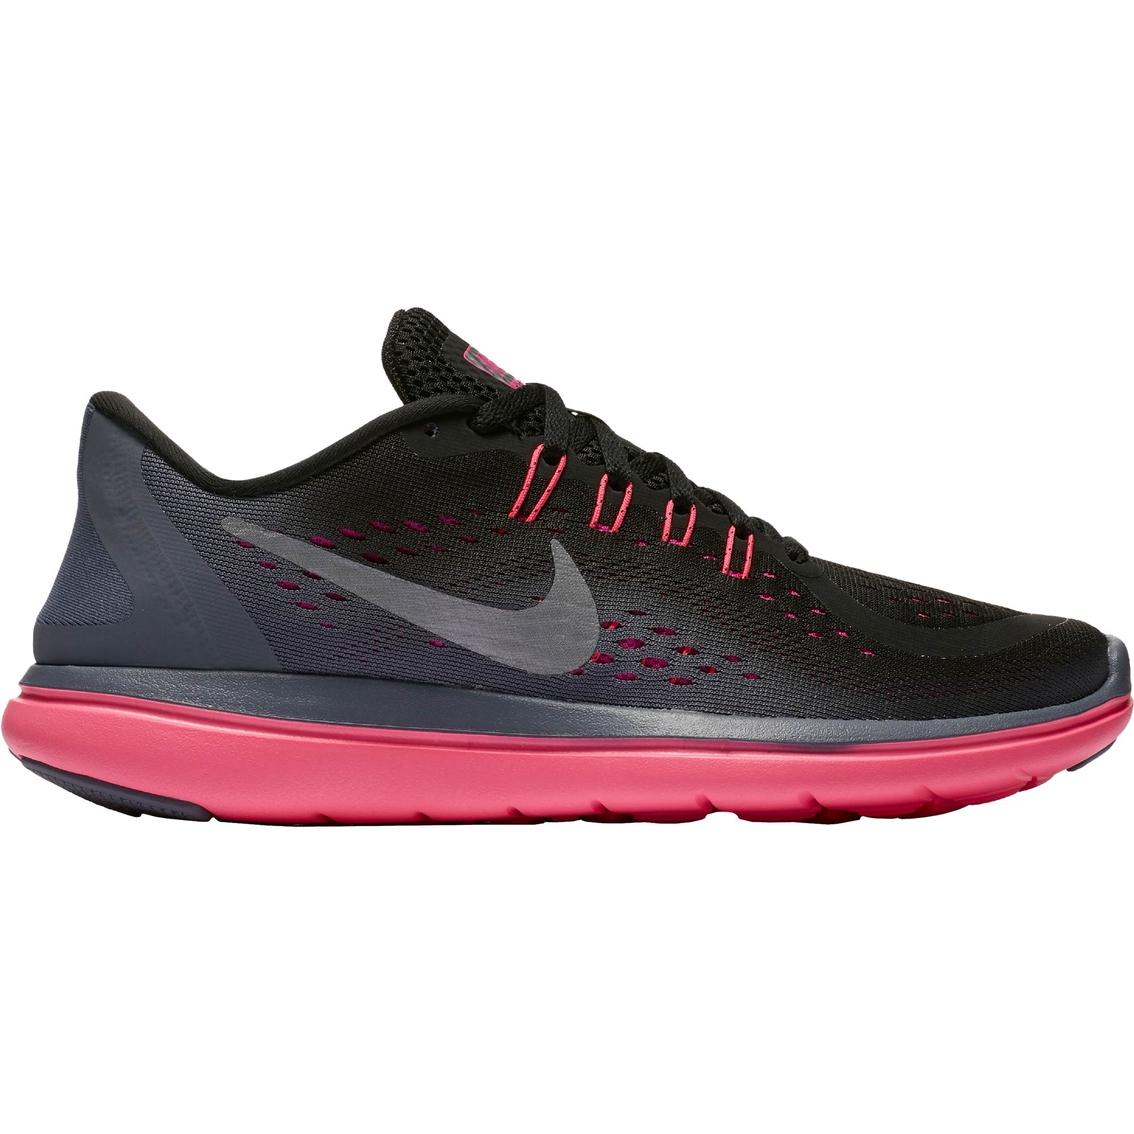 2b5046fd24d3 Nike Women s Flex 2017 Rn Running Shoes